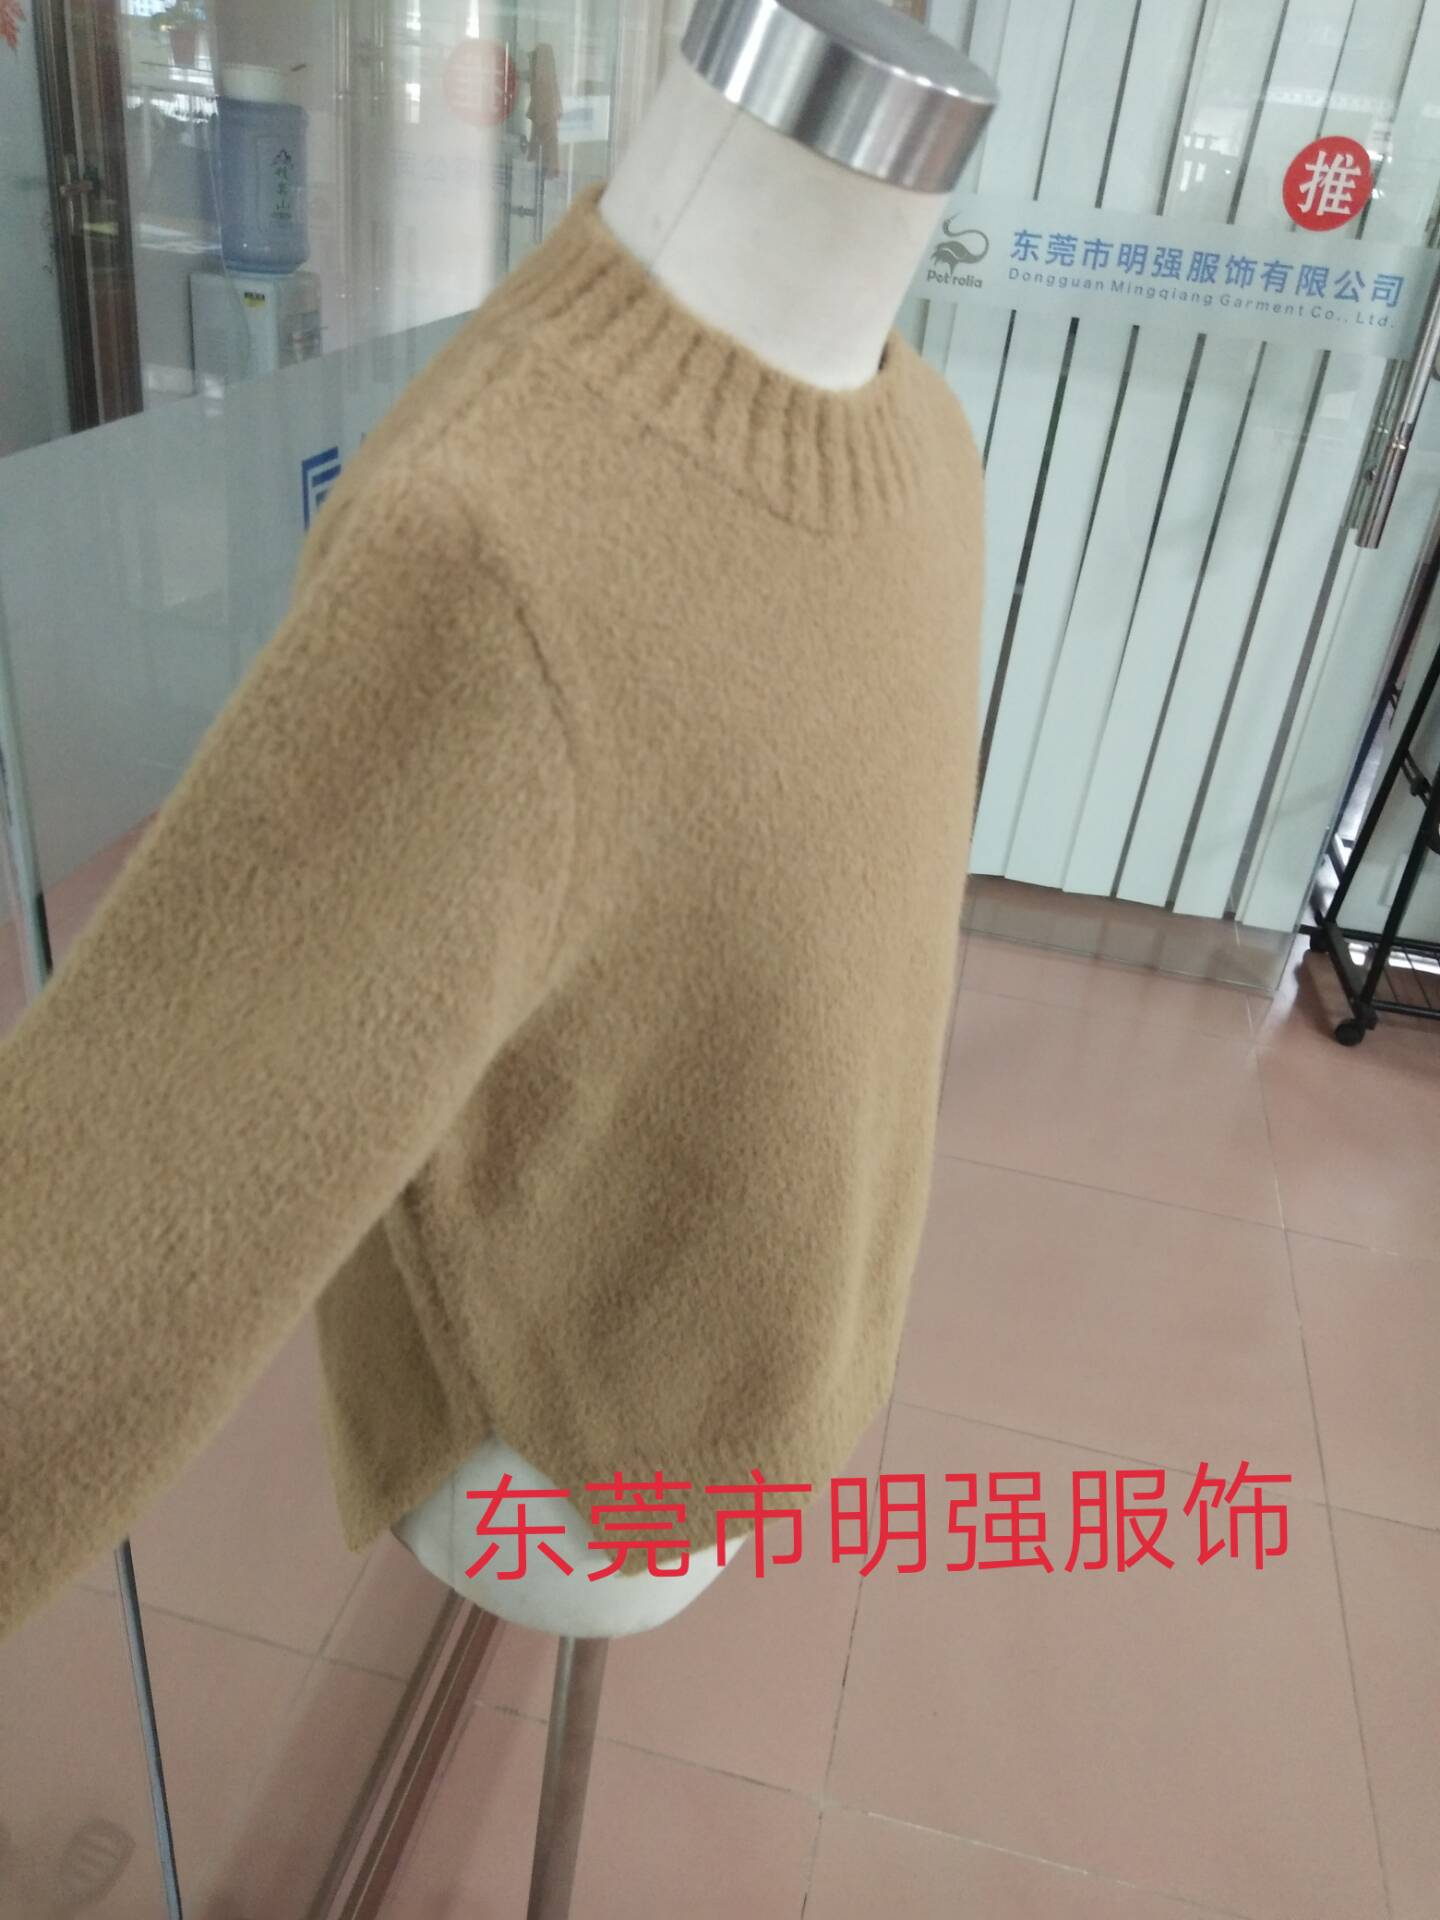 童裝毛衣加工一手貨源,東莞市明強服飾